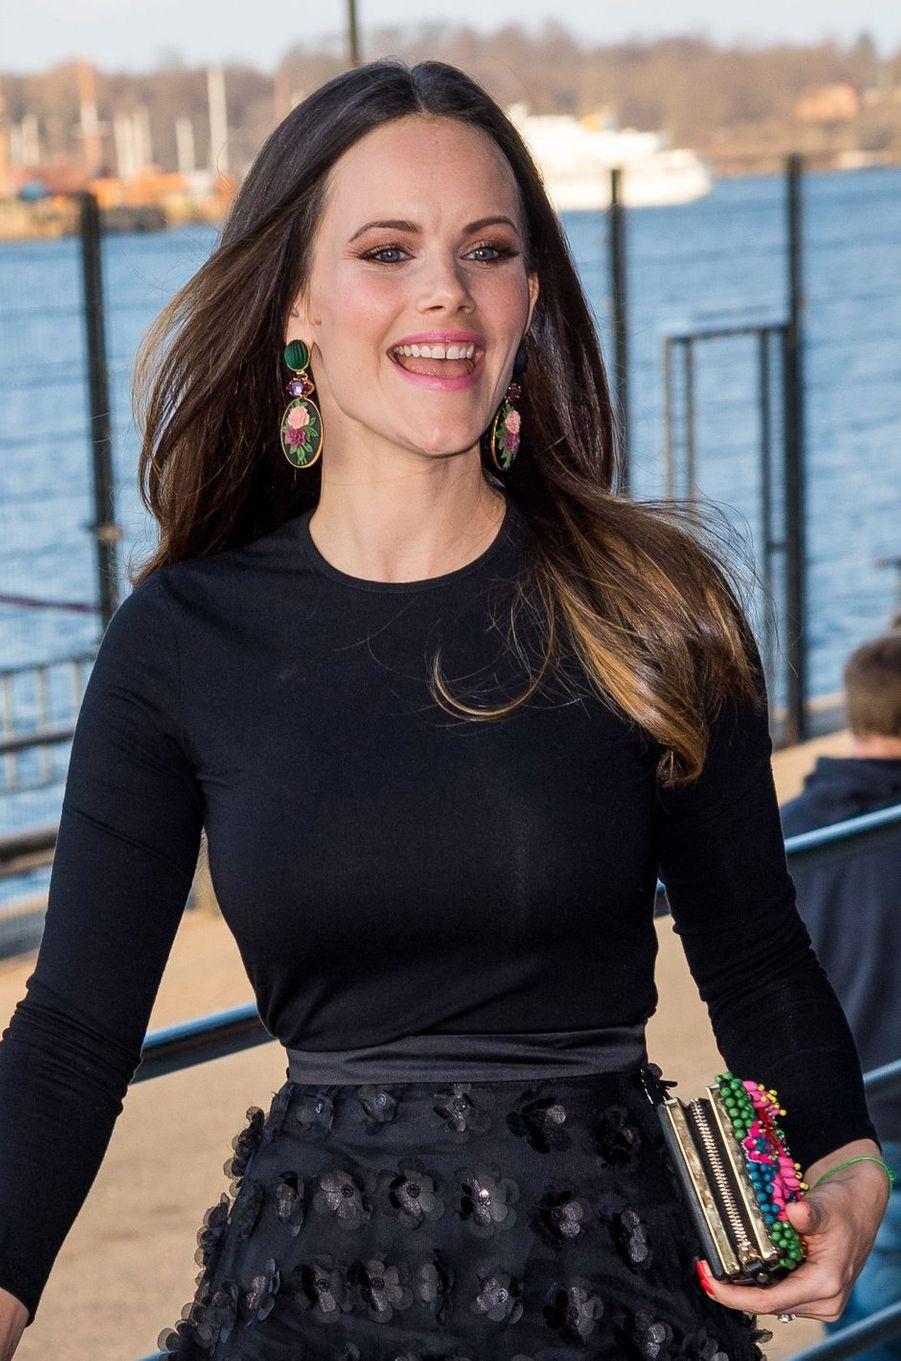 Les boucles d'oreilles de la princesse Sofia de Suède à Stockholm, le 17 avril 2018